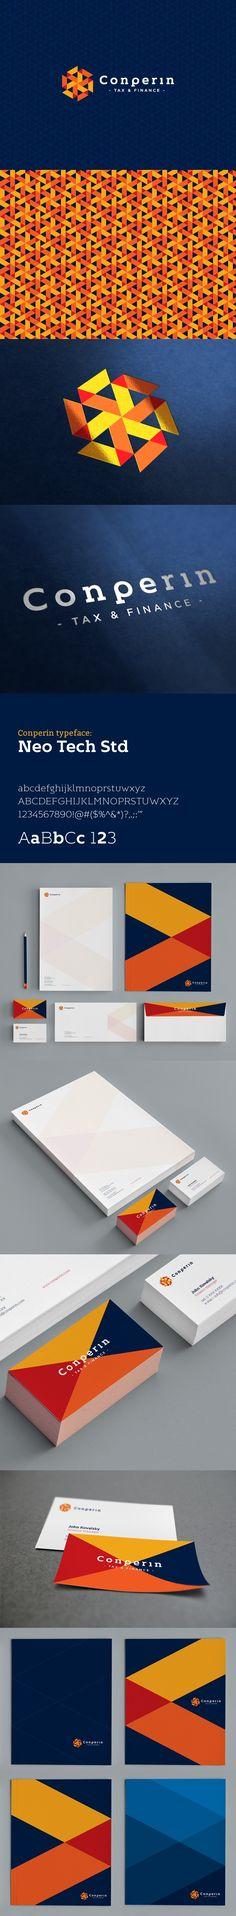 Conperin #identity #logo #design #business card